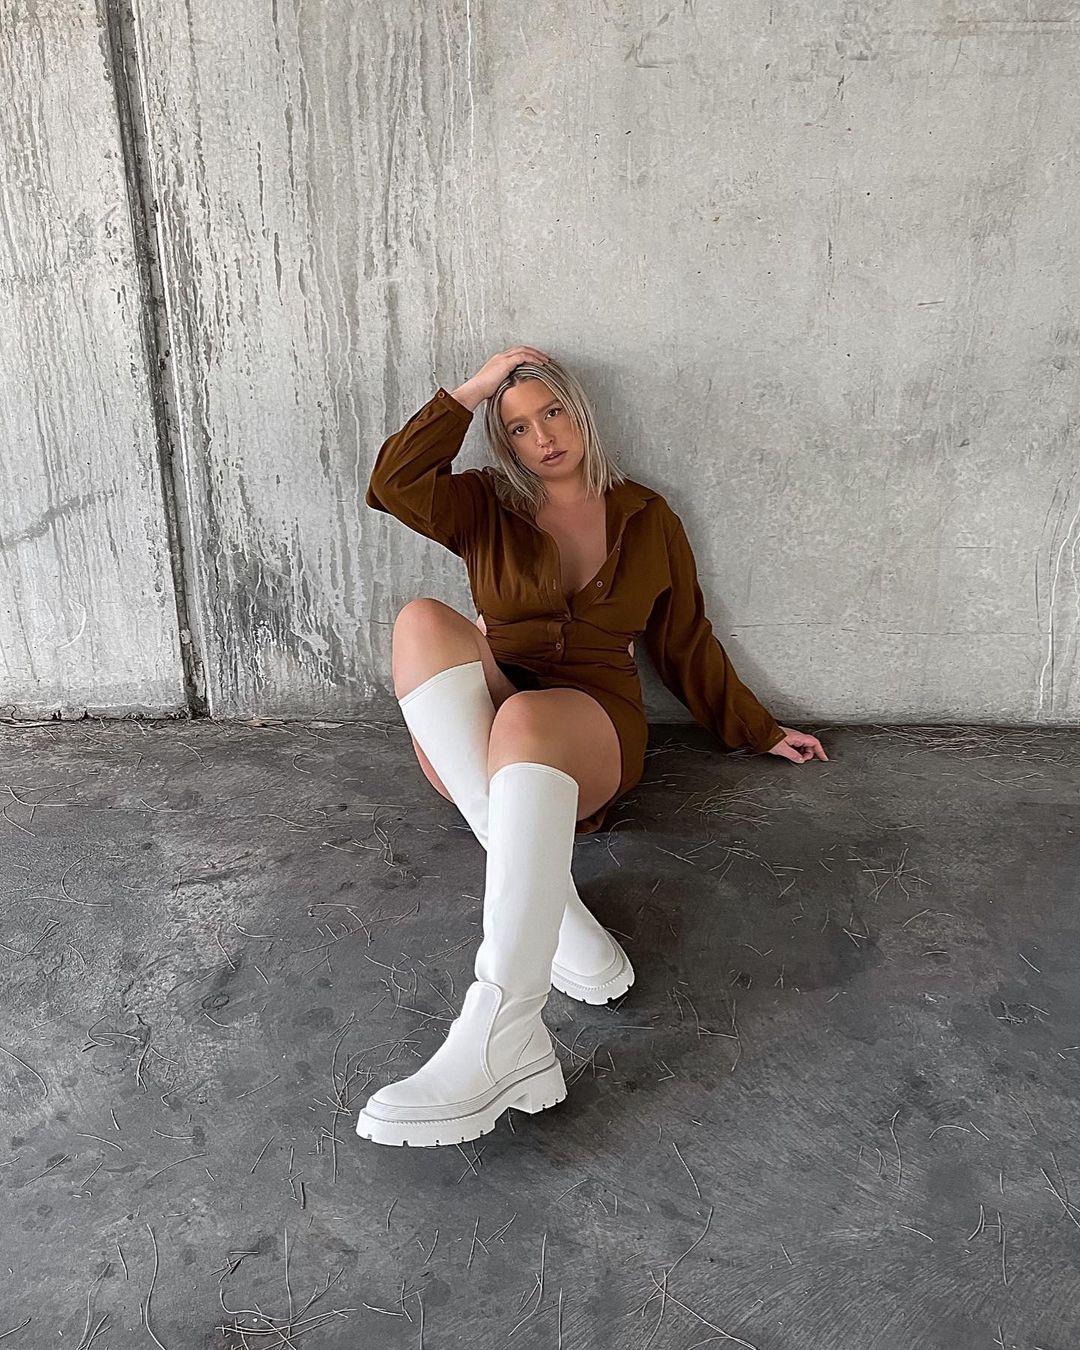 Mulher usando vestido marrom com mangas longas e bota até a altura do joelho off-white com sola tratorada. Ela está sentada no chão com uma mão na cabeça, a outra apoiada atrás e as pernas cruzadas.